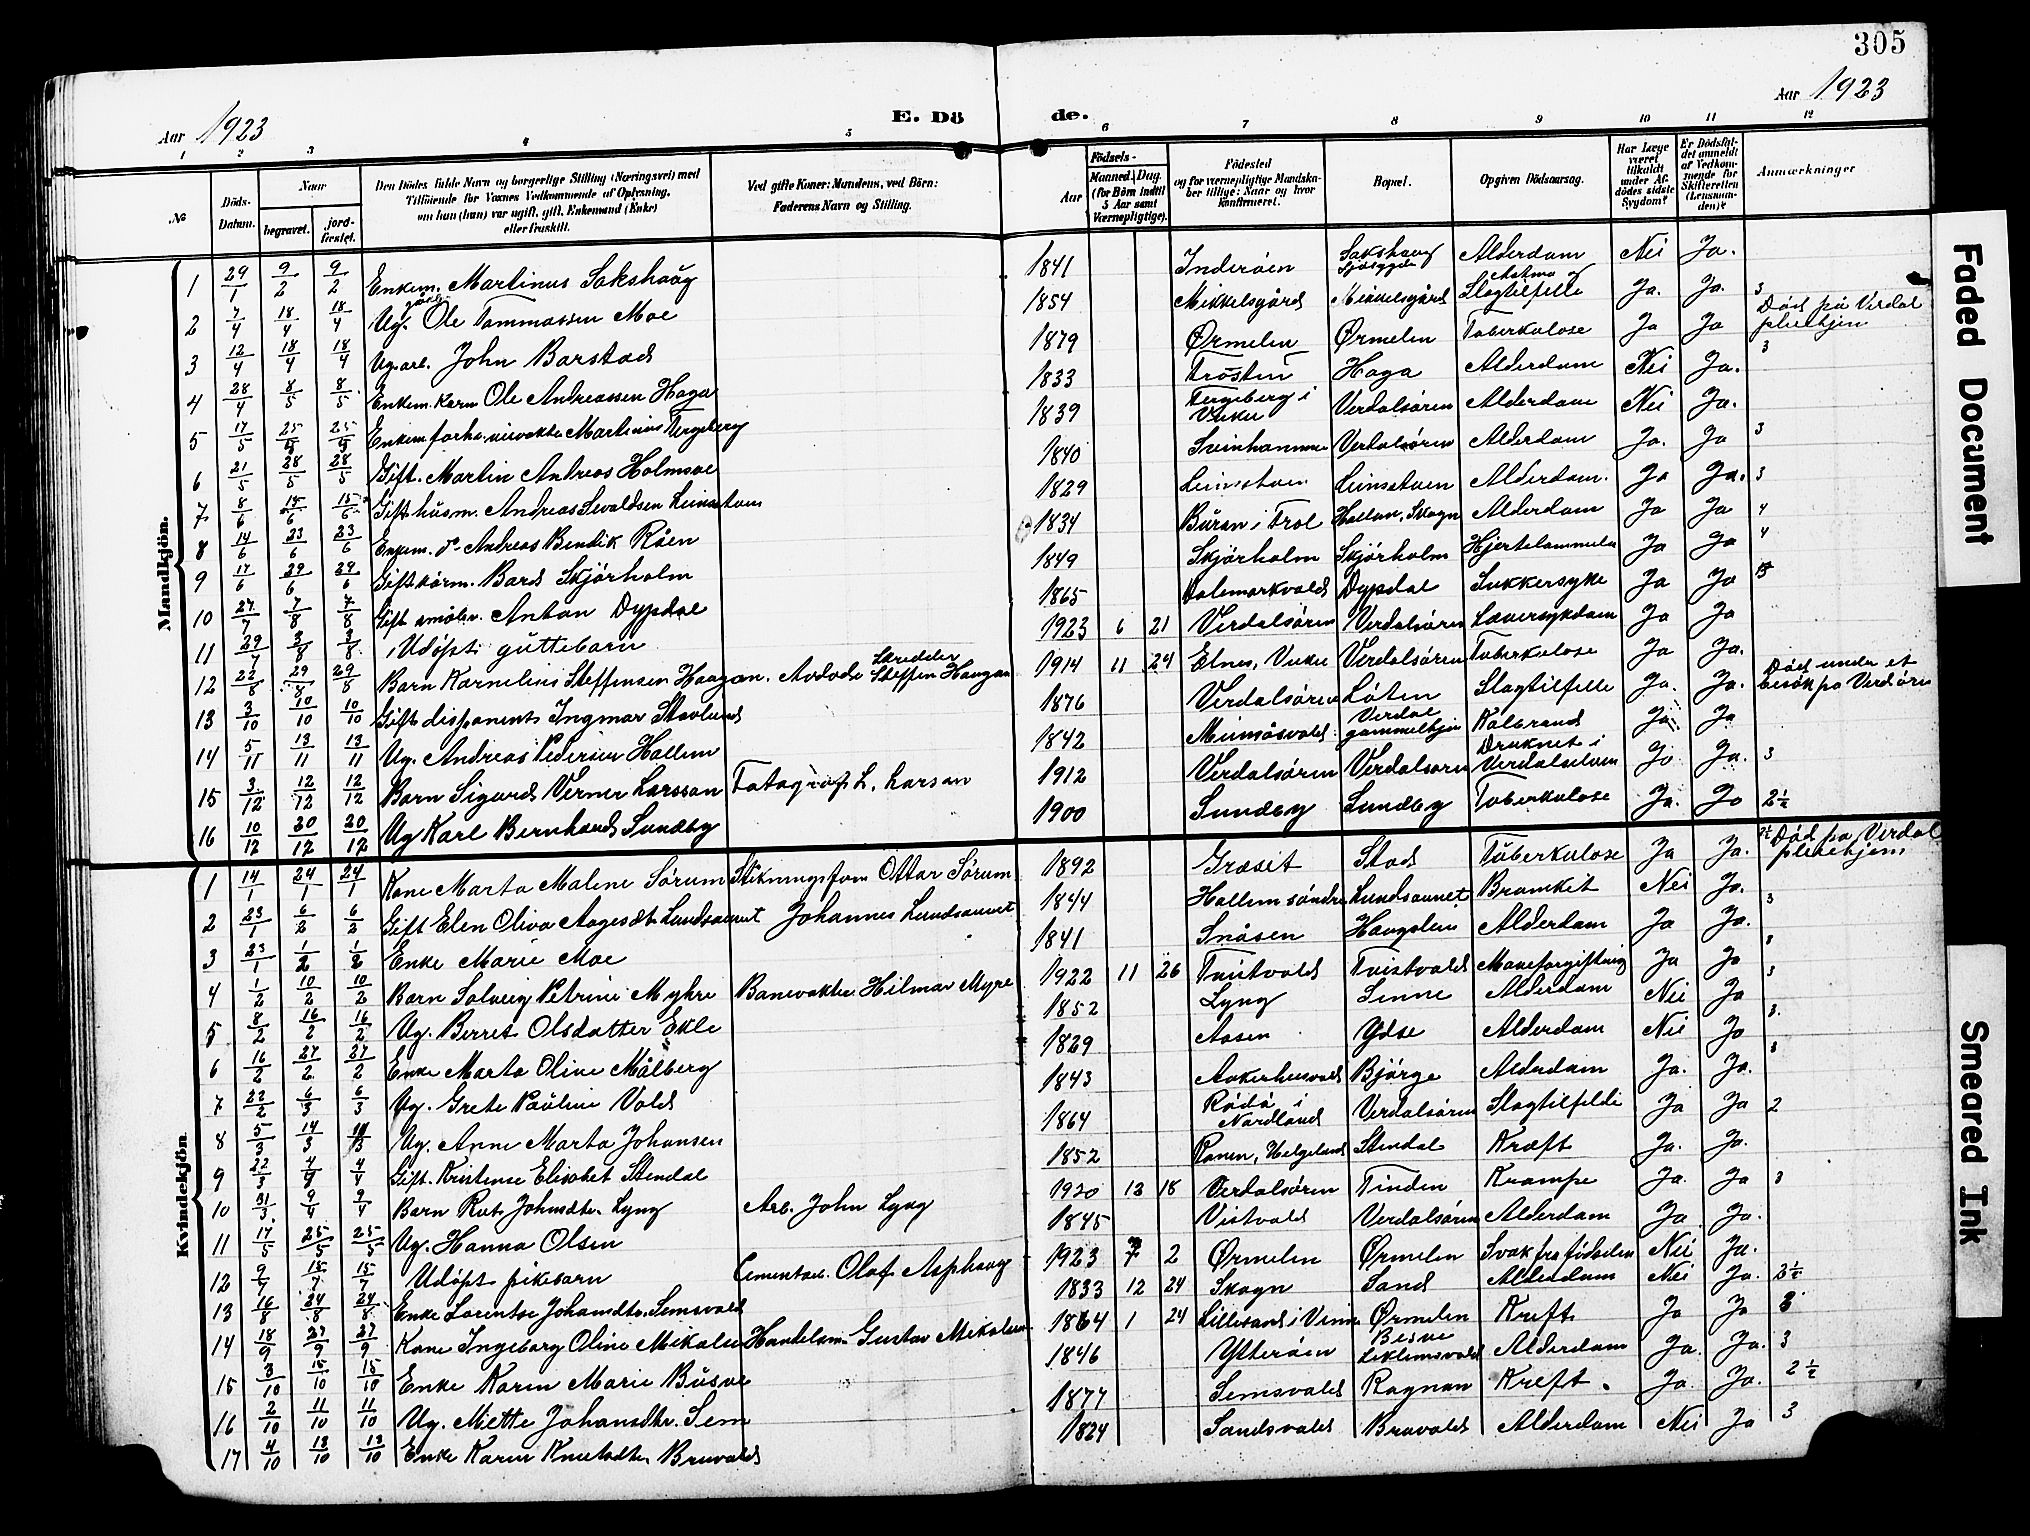 SAT, Ministerialprotokoller, klokkerbøker og fødselsregistre - Nord-Trøndelag, 723/L0258: Klokkerbok nr. 723C06, 1908-1927, s. 305